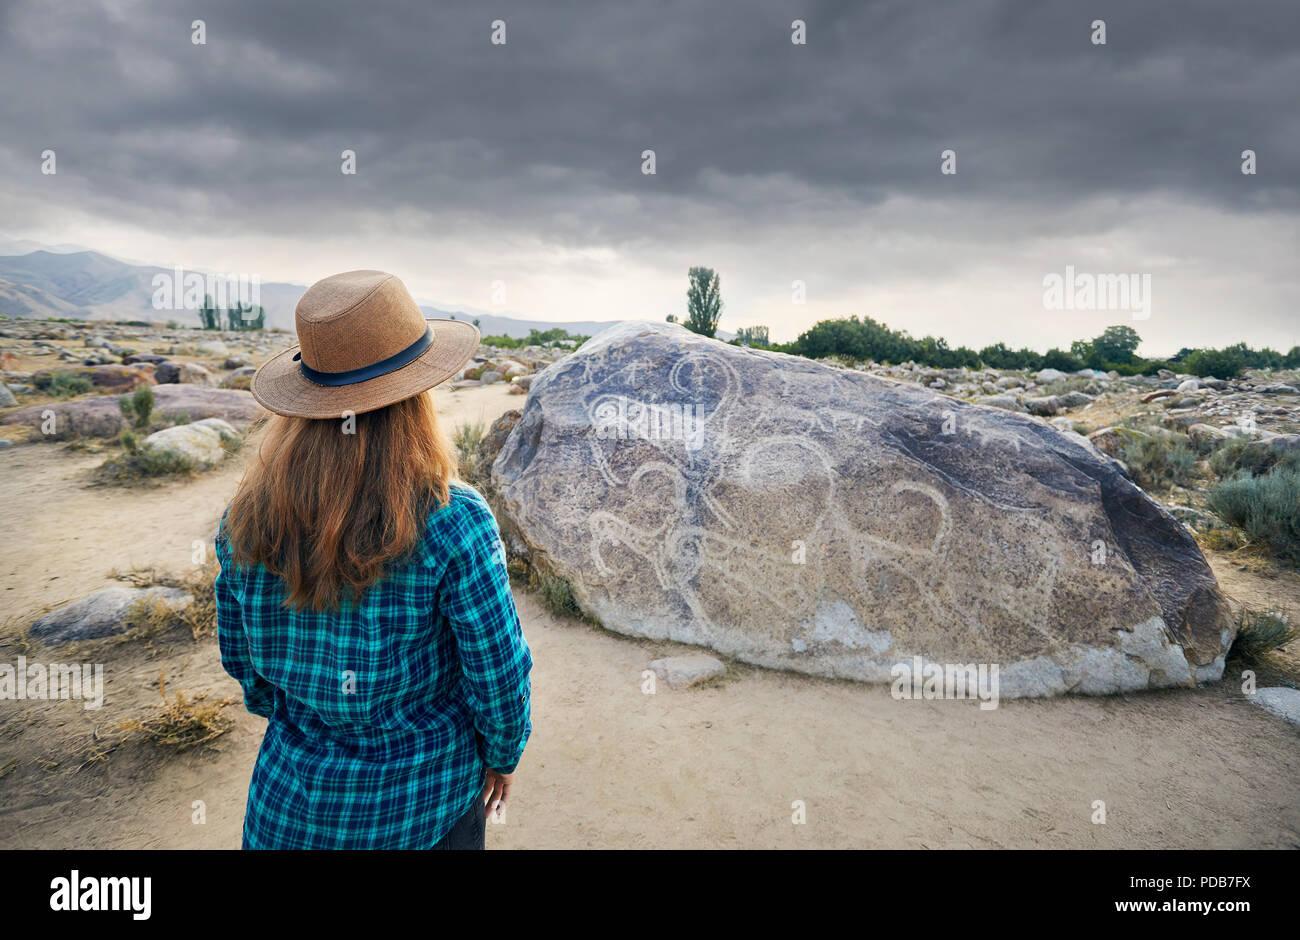 Woman in Hat en chemise bleue dans le musée en plein air près de stone ancient petroglyph de chèvres à Kirghizistan. Musée du patrimoine de la culture. Photo Stock